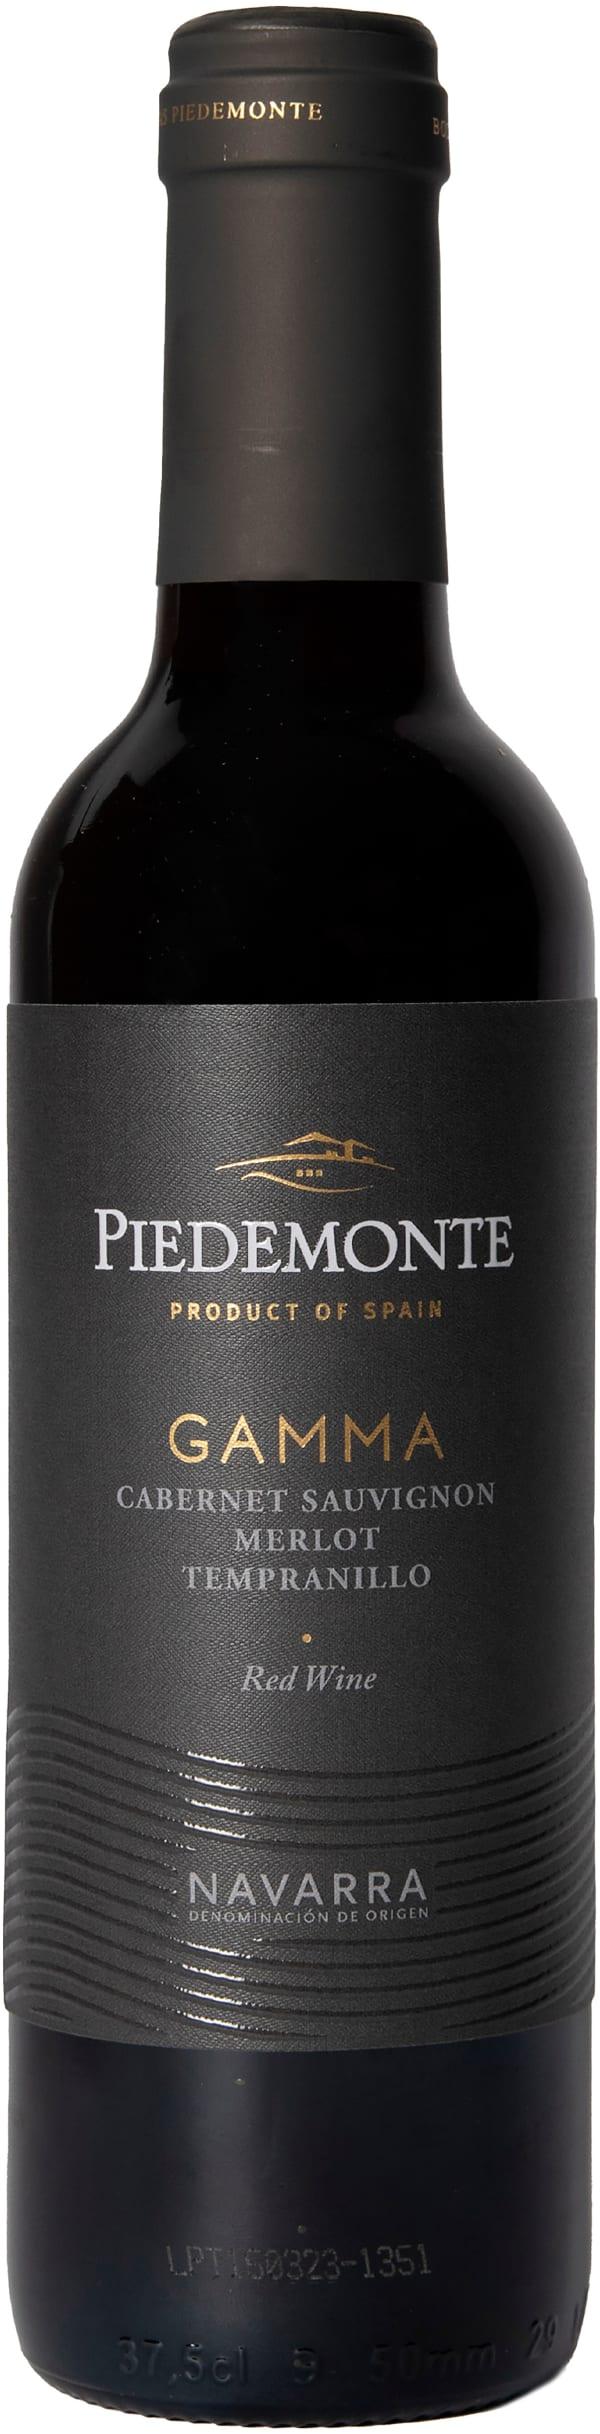 Piedemonte Gamma Cabernet Sauvignon Merlot Tempranillo 2019